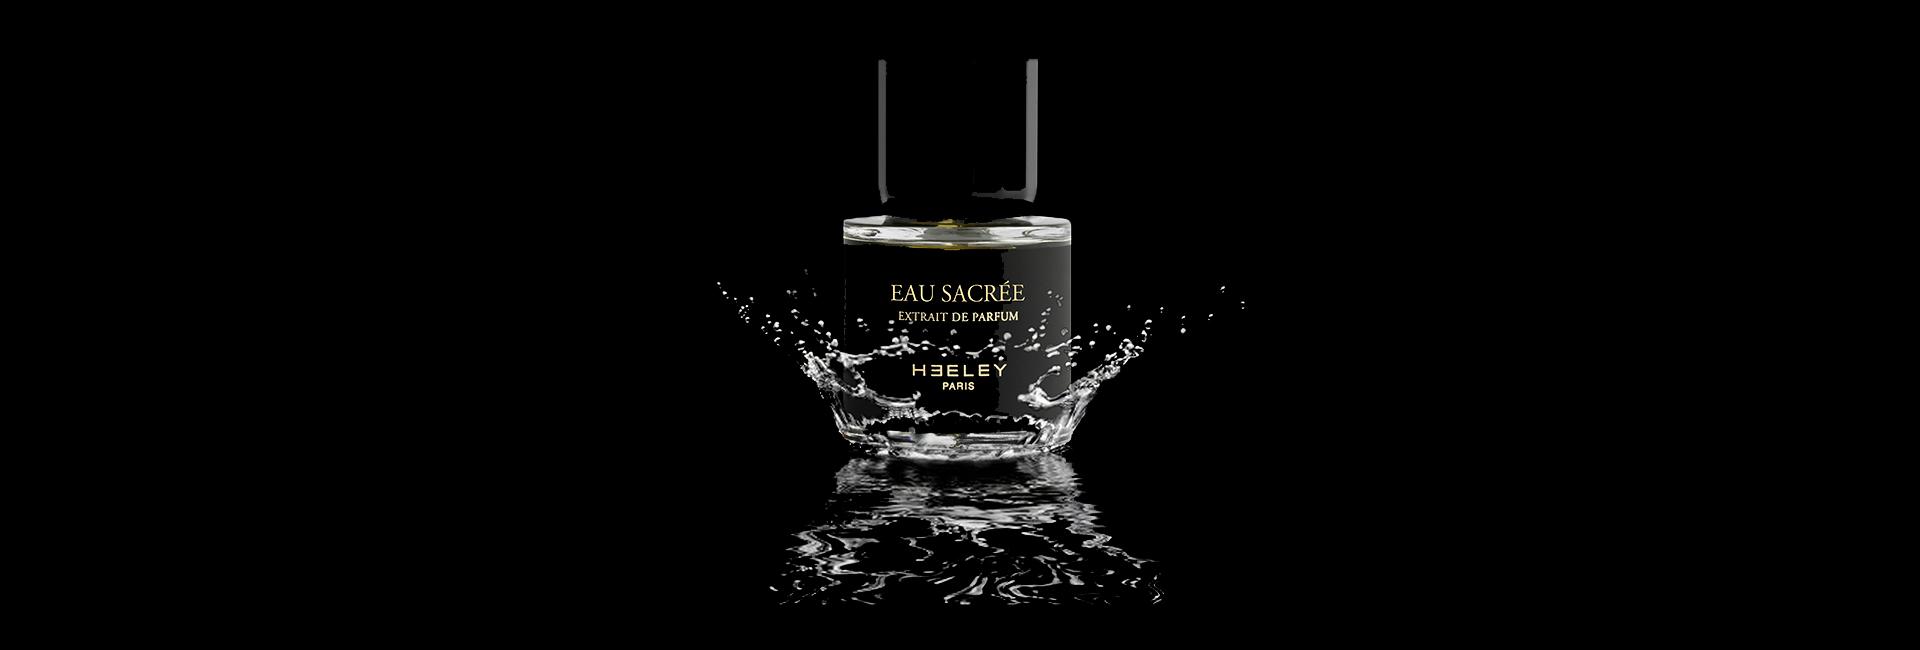 Eau Sacrée, nouvel extrait de parfum de James Heeley